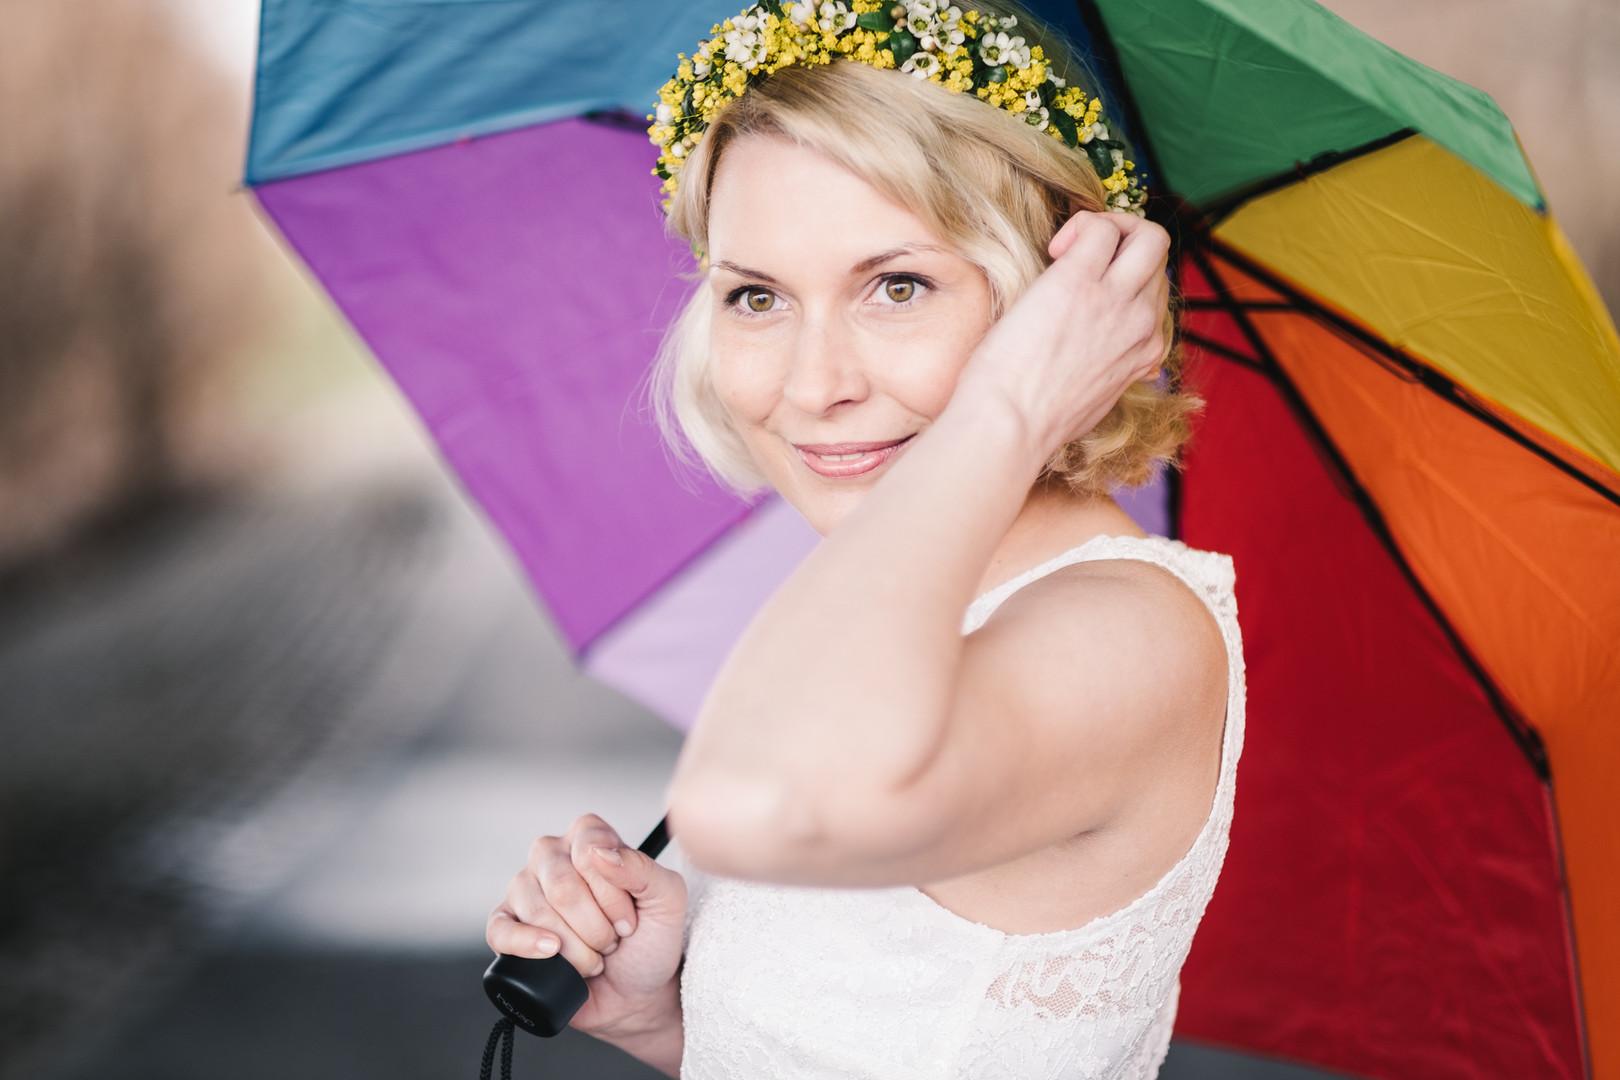 Hochzeitsfotograf Tulln, Hochzeitsfotograf Klosterneuburg, Fotograf Tulln, Wien Hochzeit, Krems, Stockerau